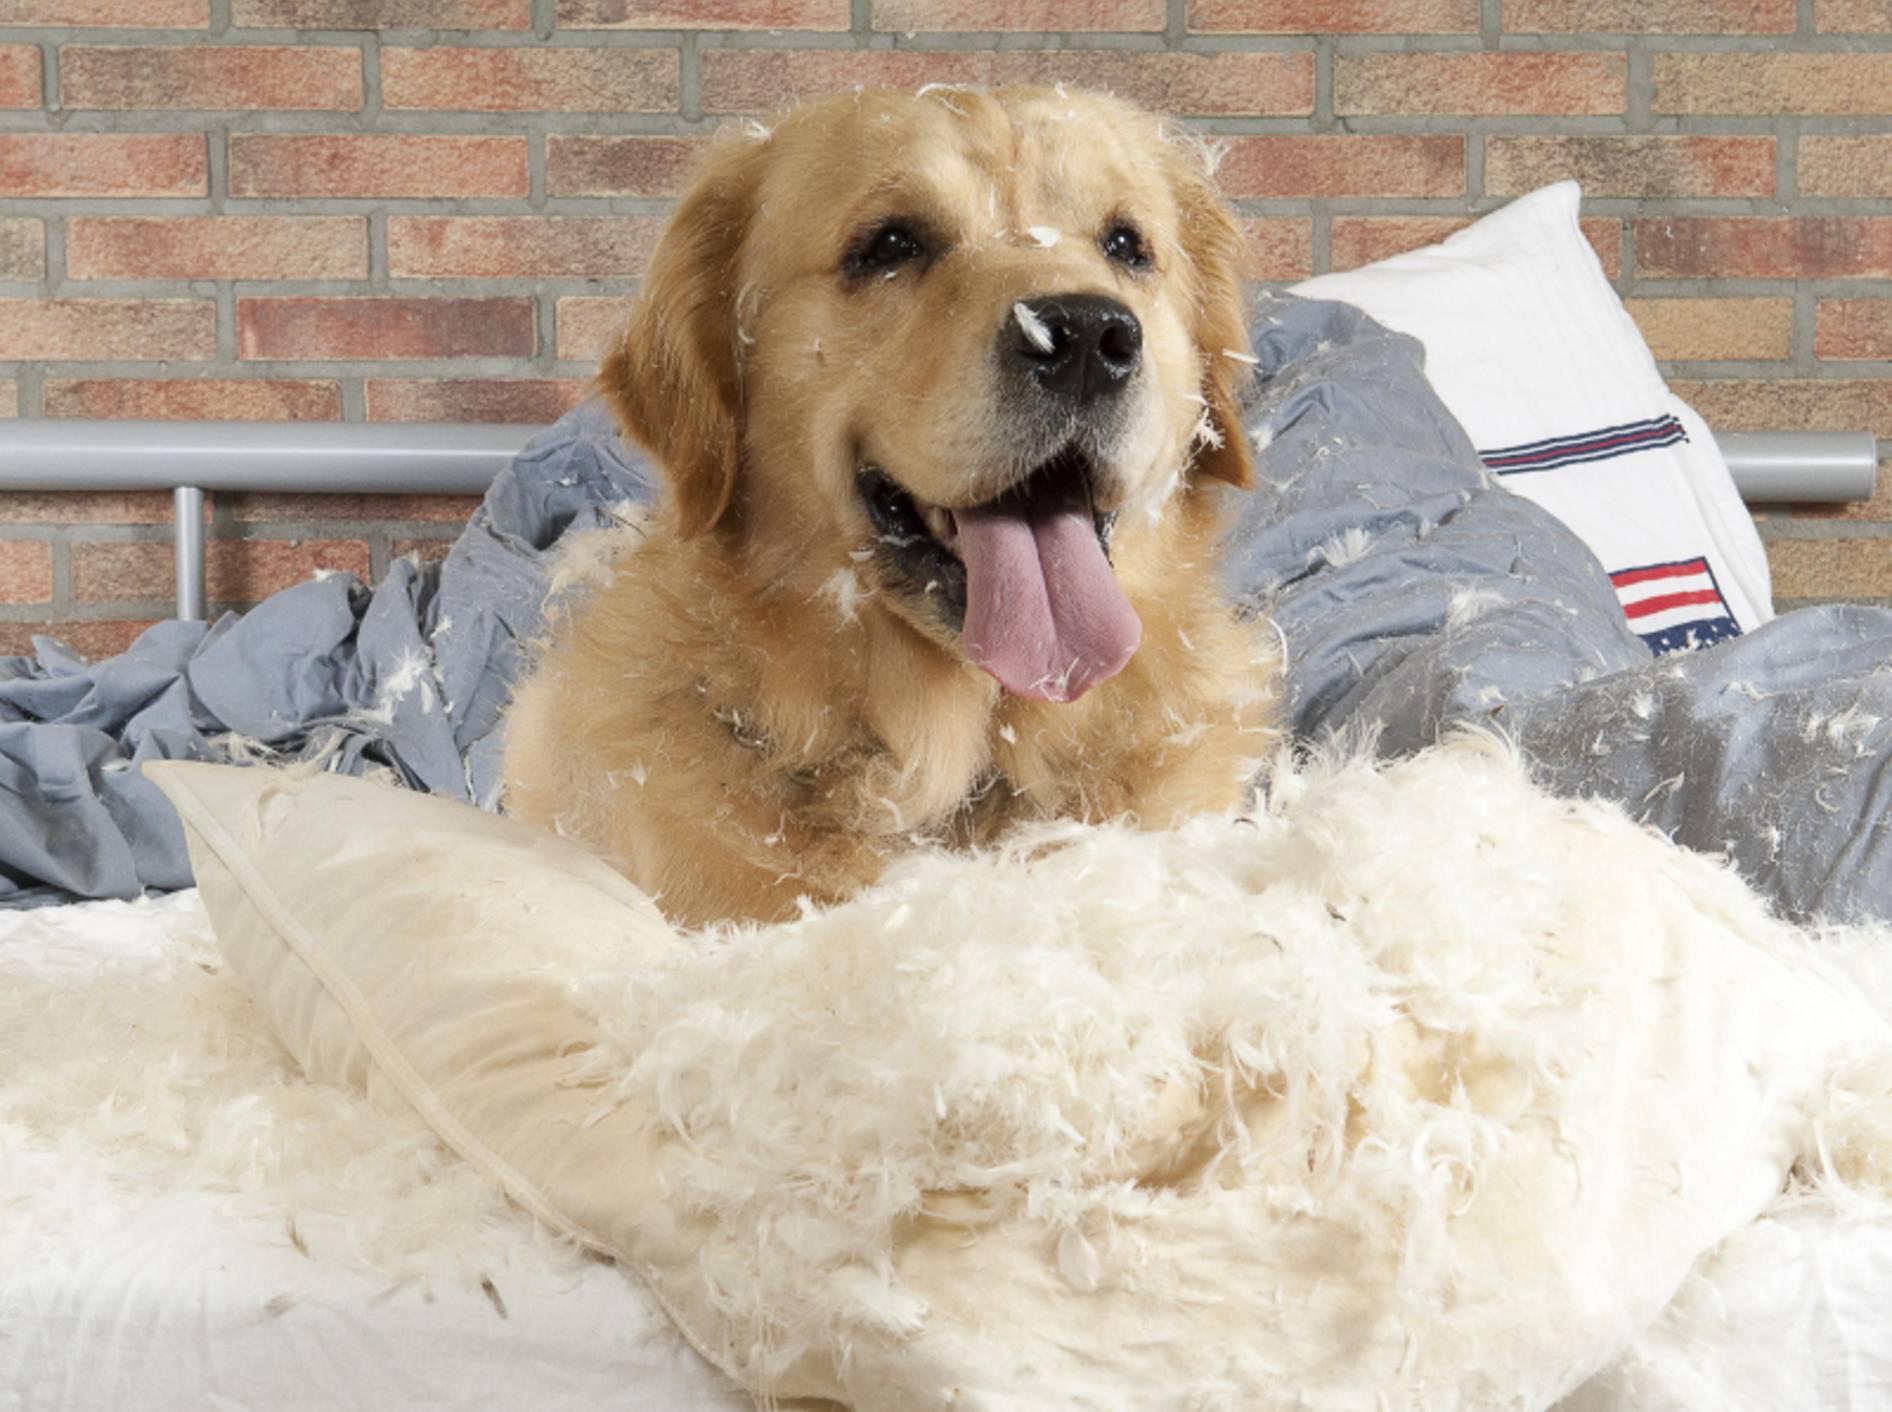 """Hunde mit Trennungsangst können während der Zeit alleine zu wahren """"Zerstörungsmonstern"""" werden – Shutterstock / Jeroen van den Broek"""